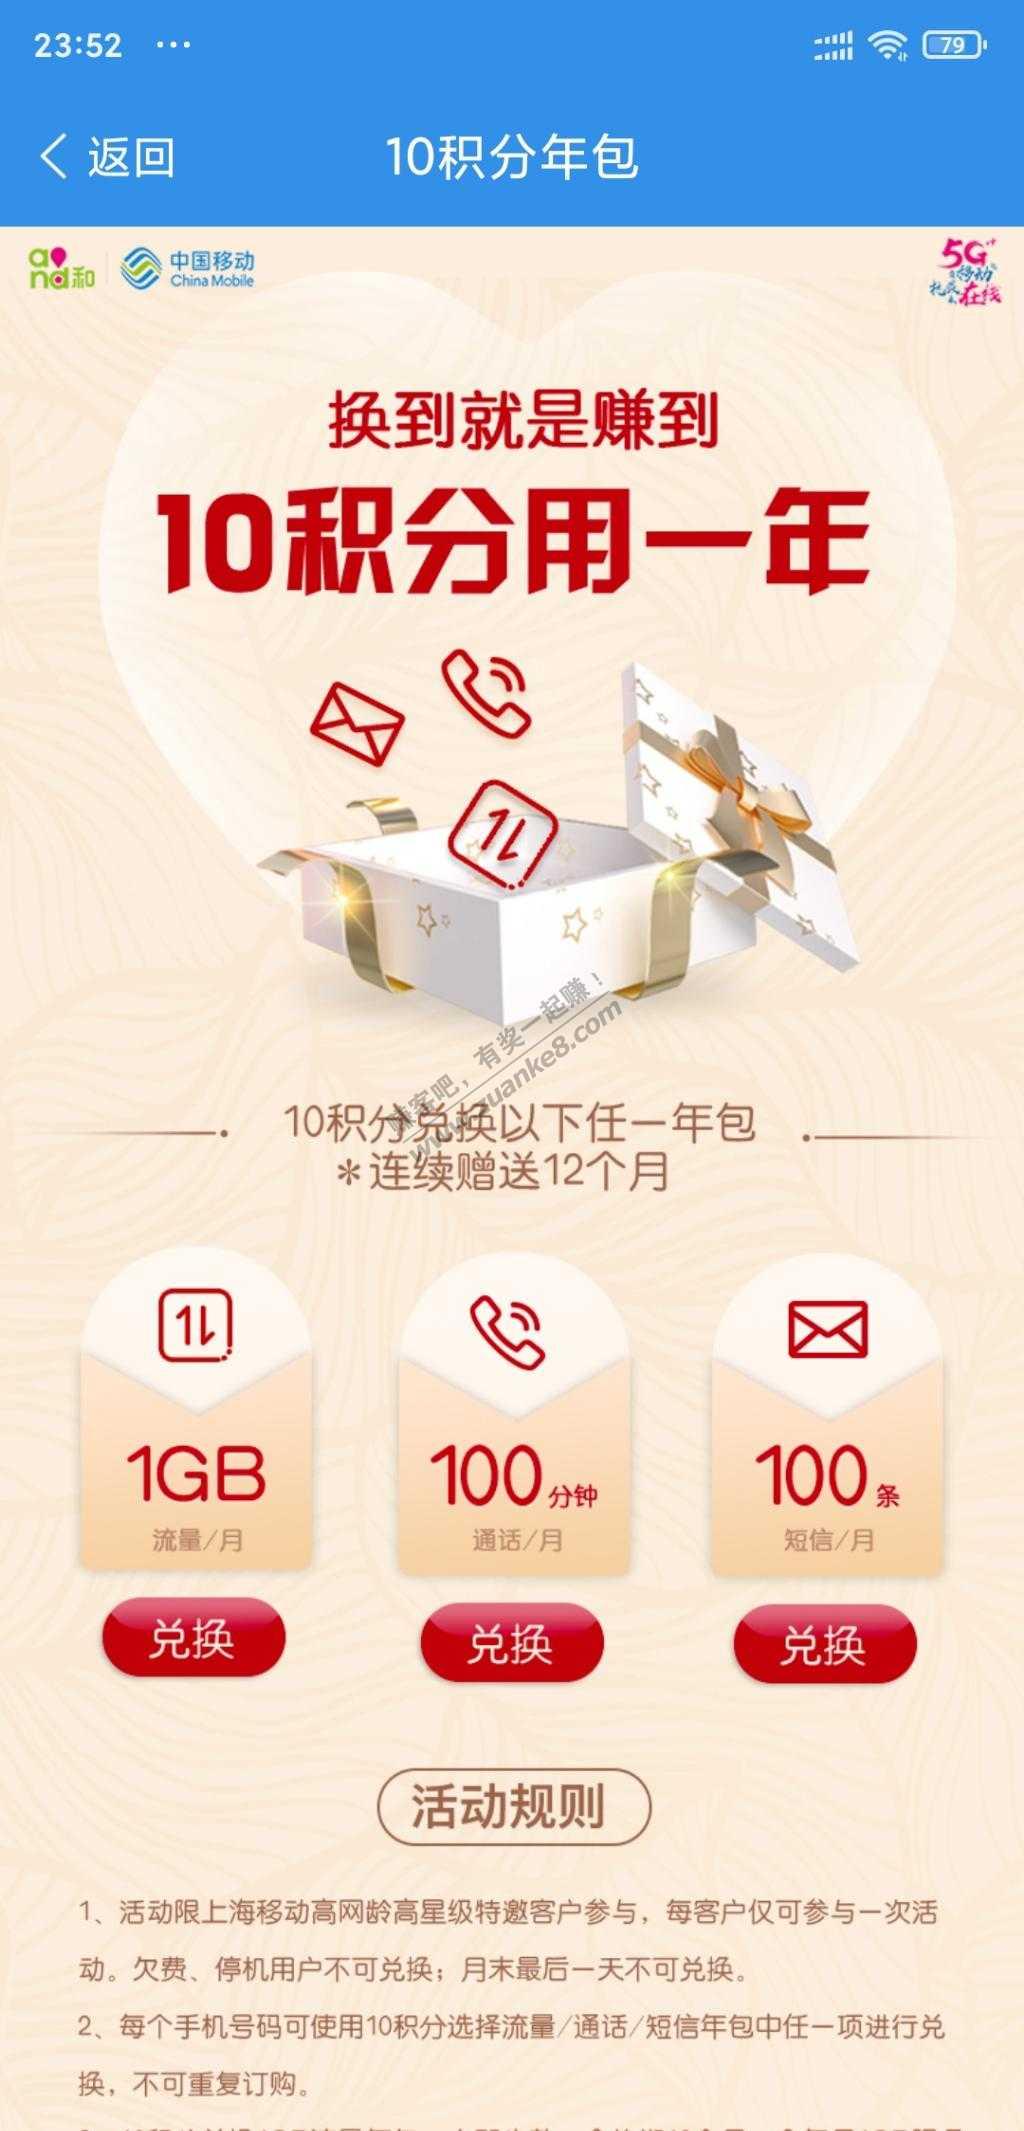 上海移动客户,10积分兑换12G流量/1200分钟通话/1200分钟短信(附方法)